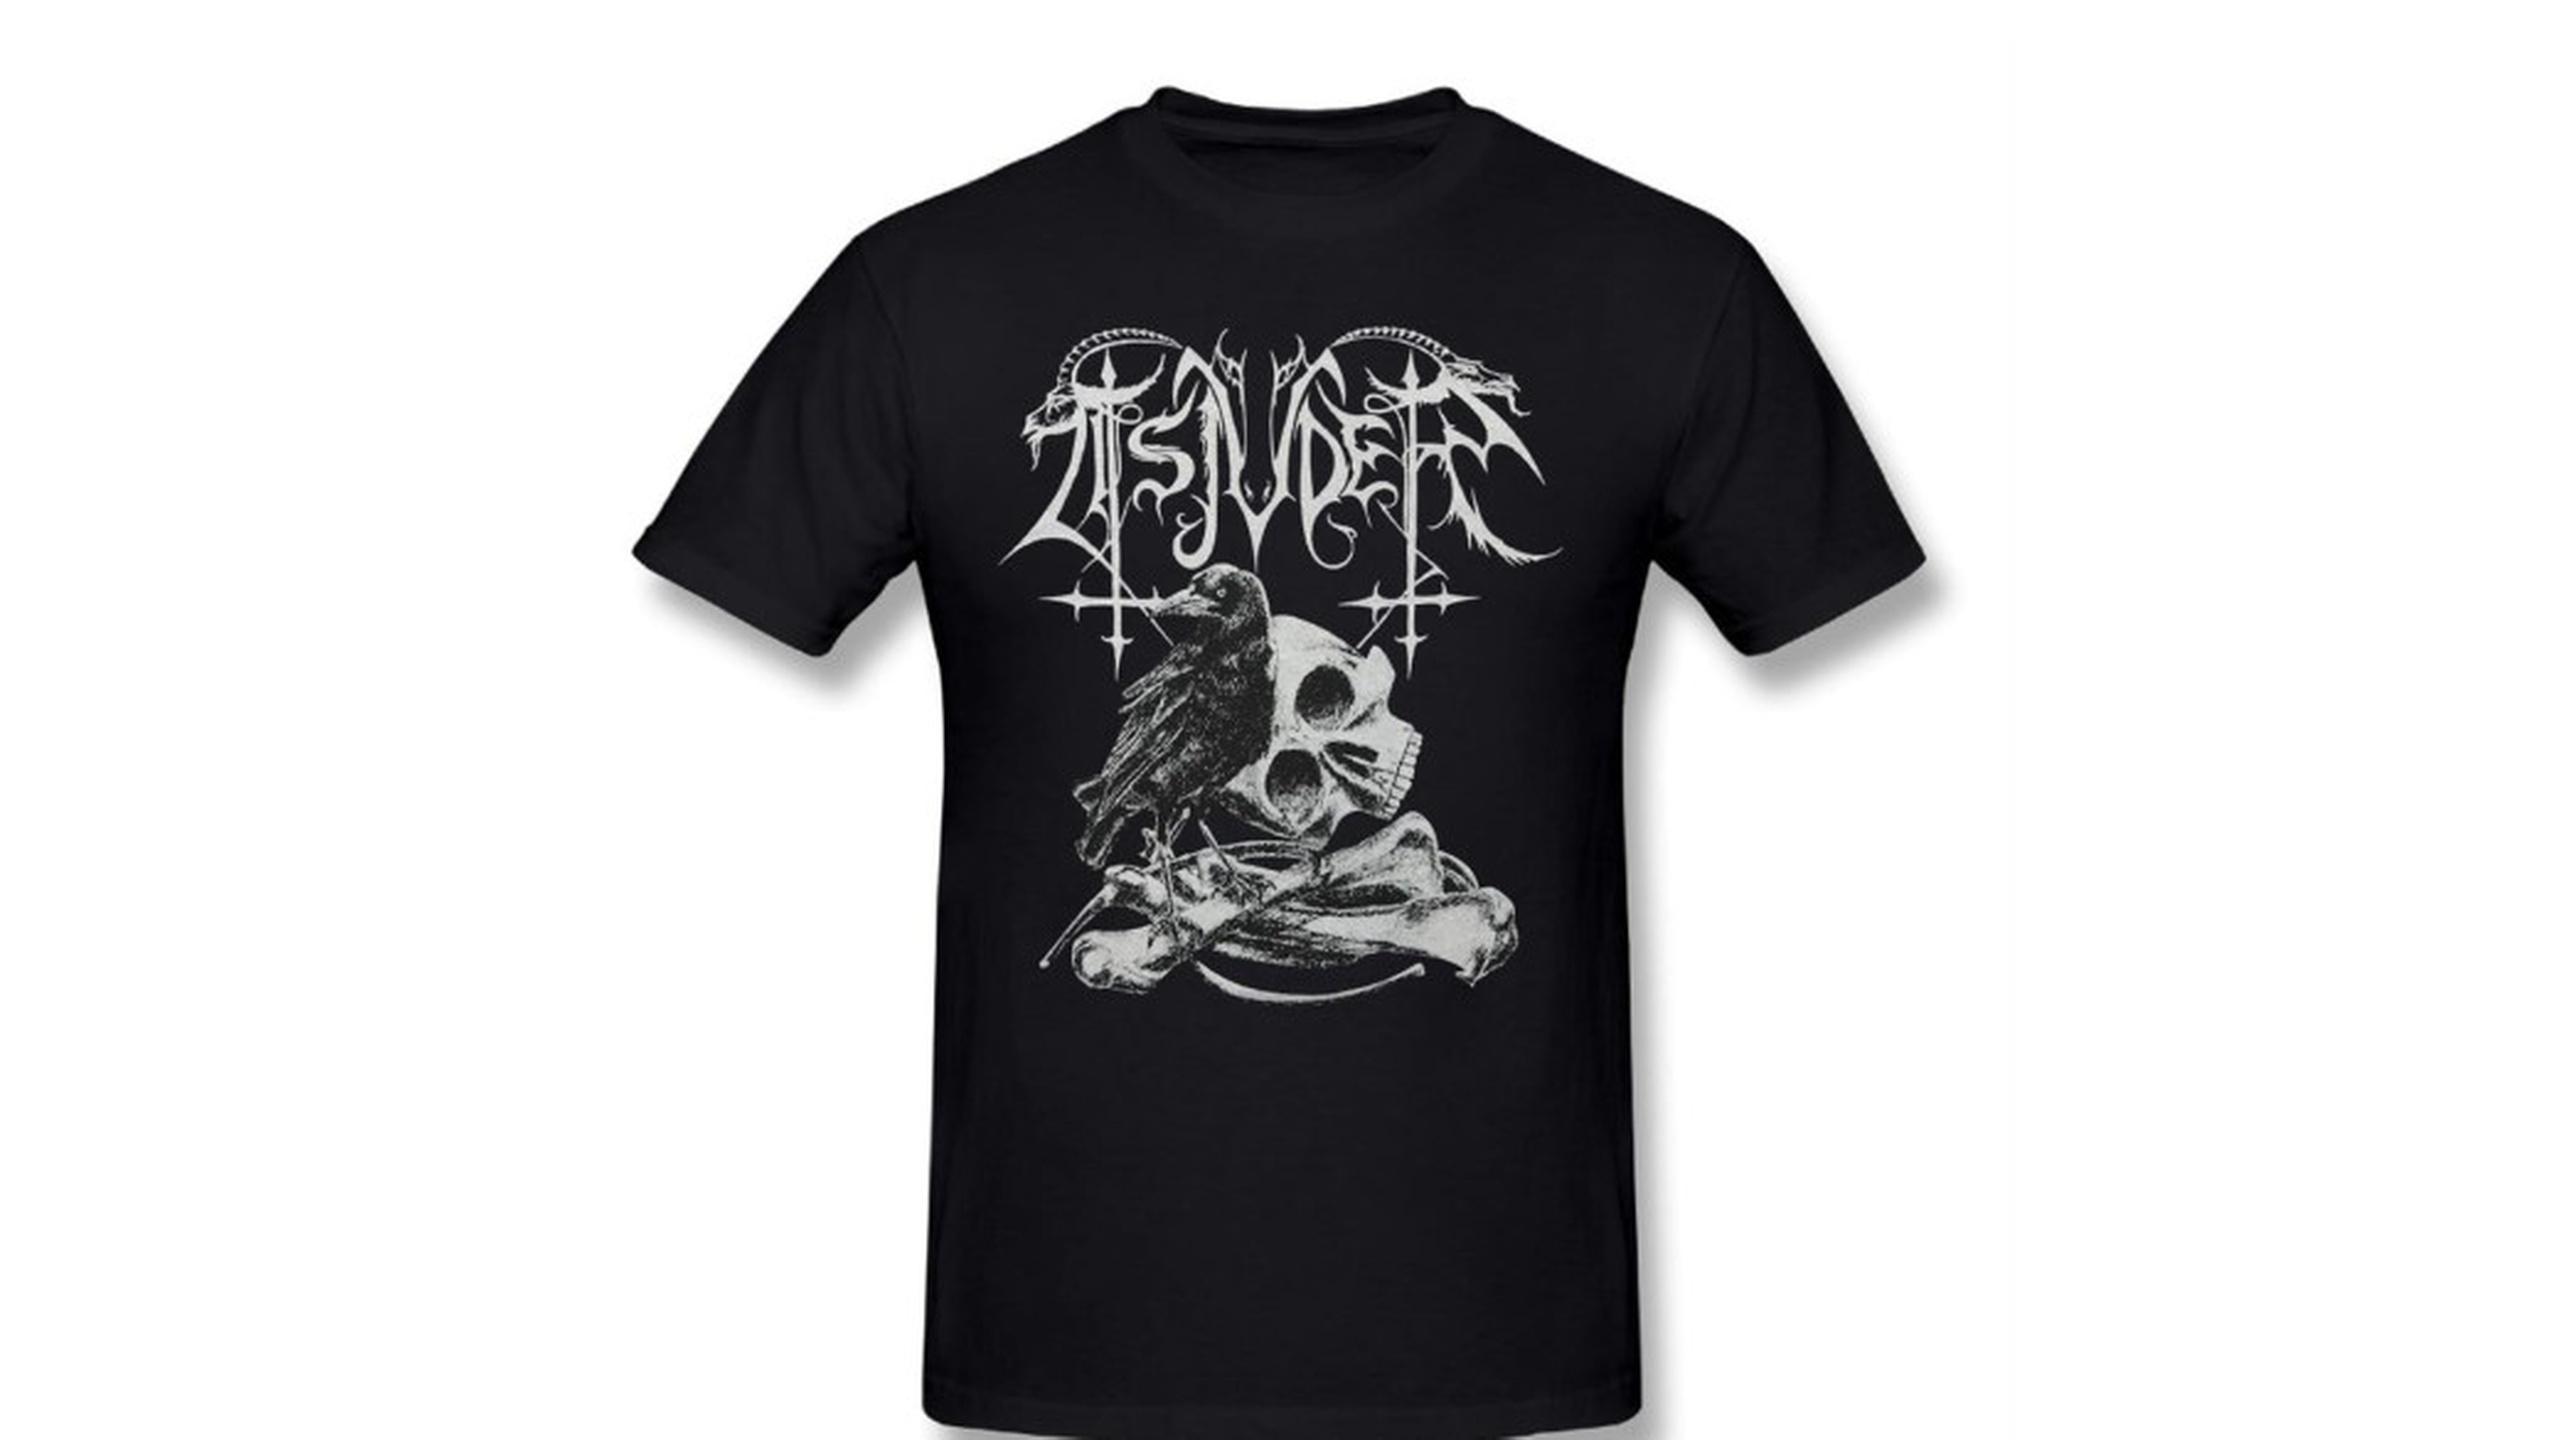 Yaoss Death Tshirts BlackGroupon Men's Tee Tsjuder 29DWEHIY